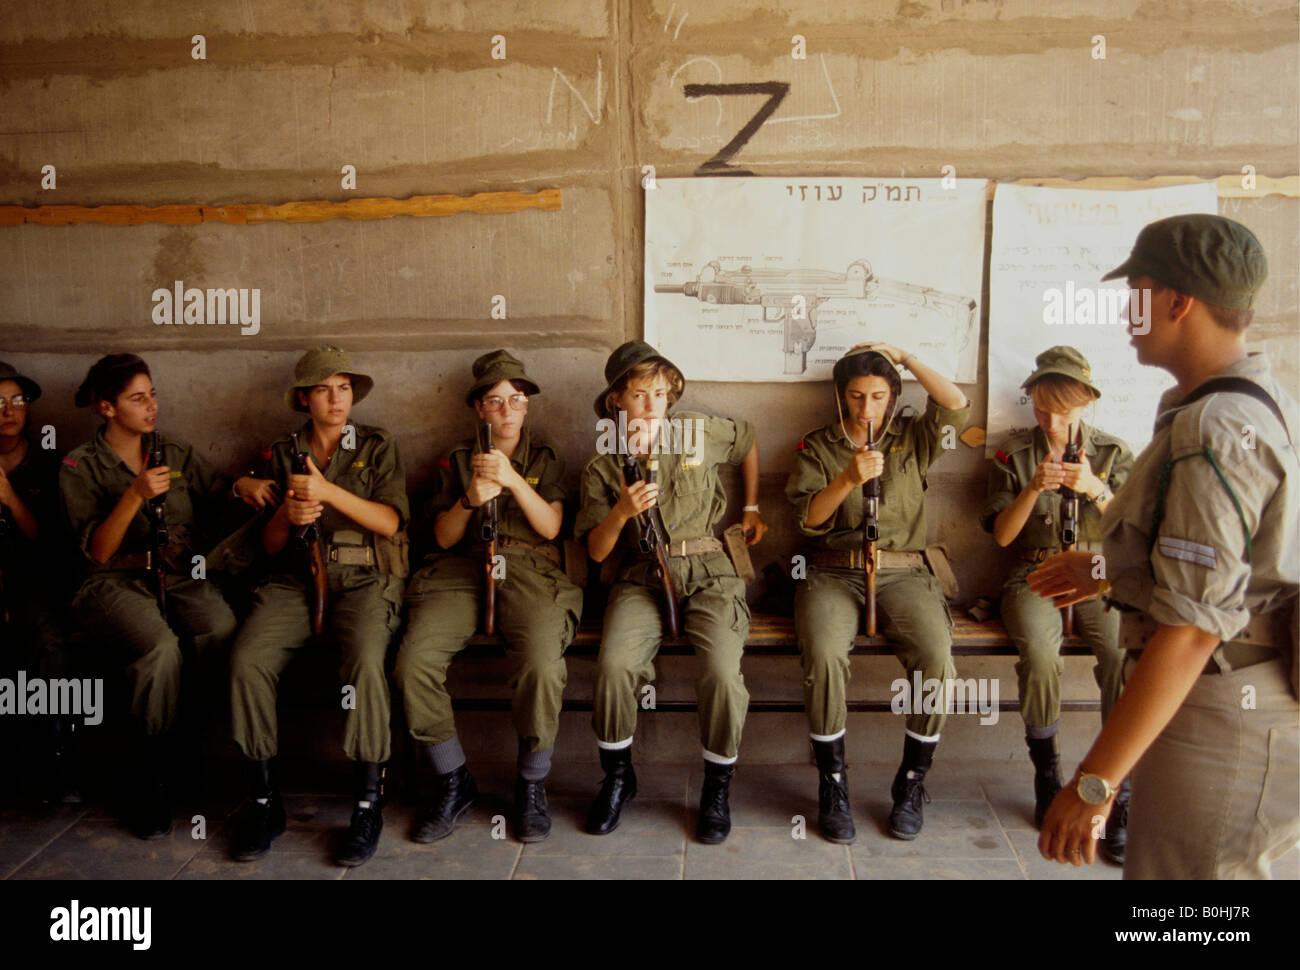 Frauen Soldaten In Der Grundausbildung Israel Stockfoto Bild